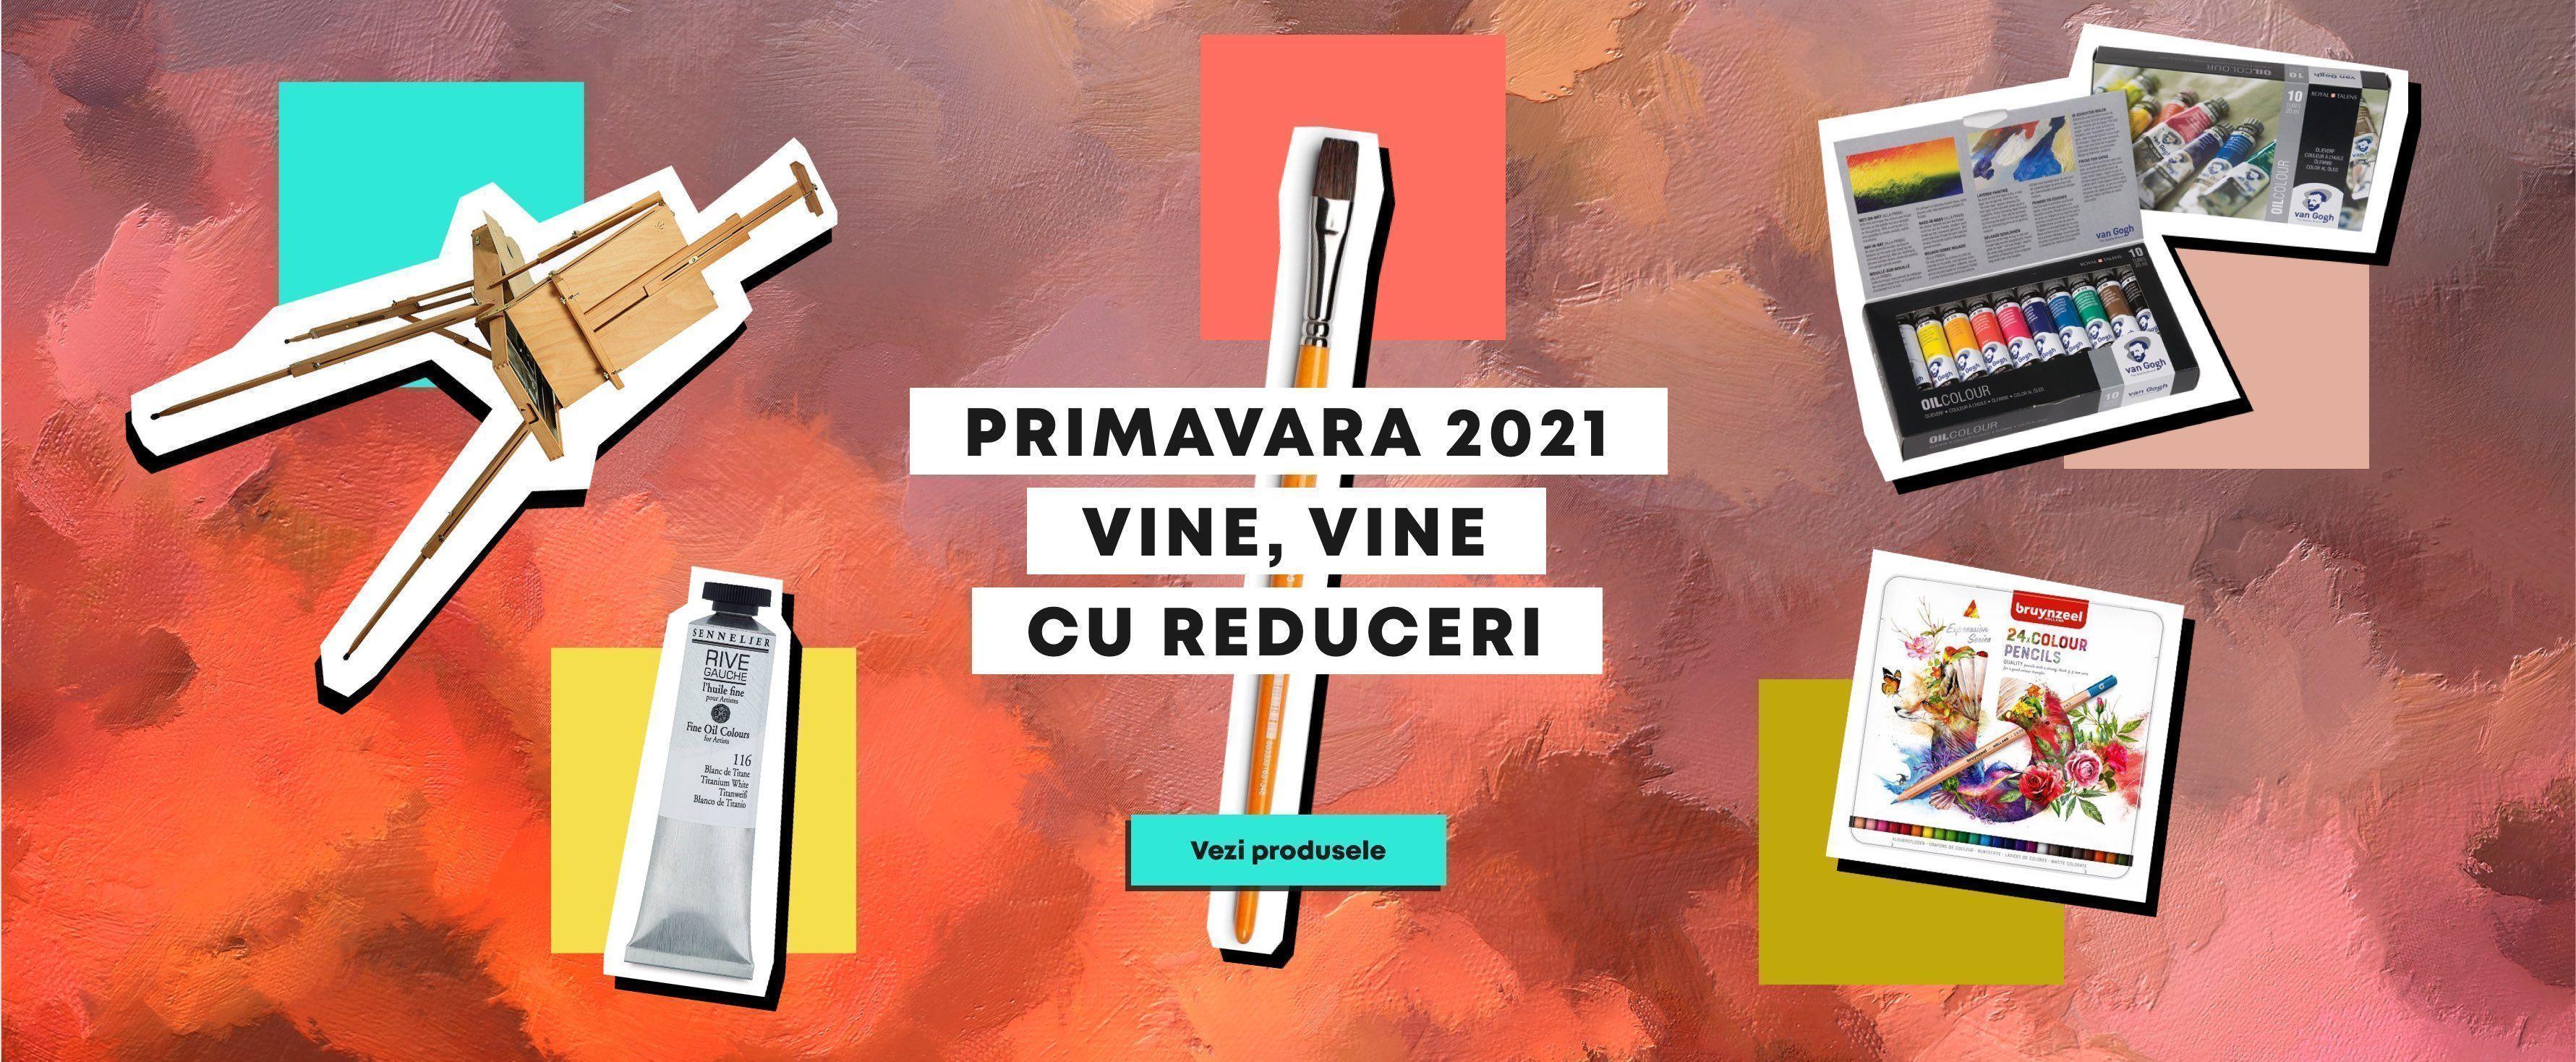 Promotii Primavara 2021